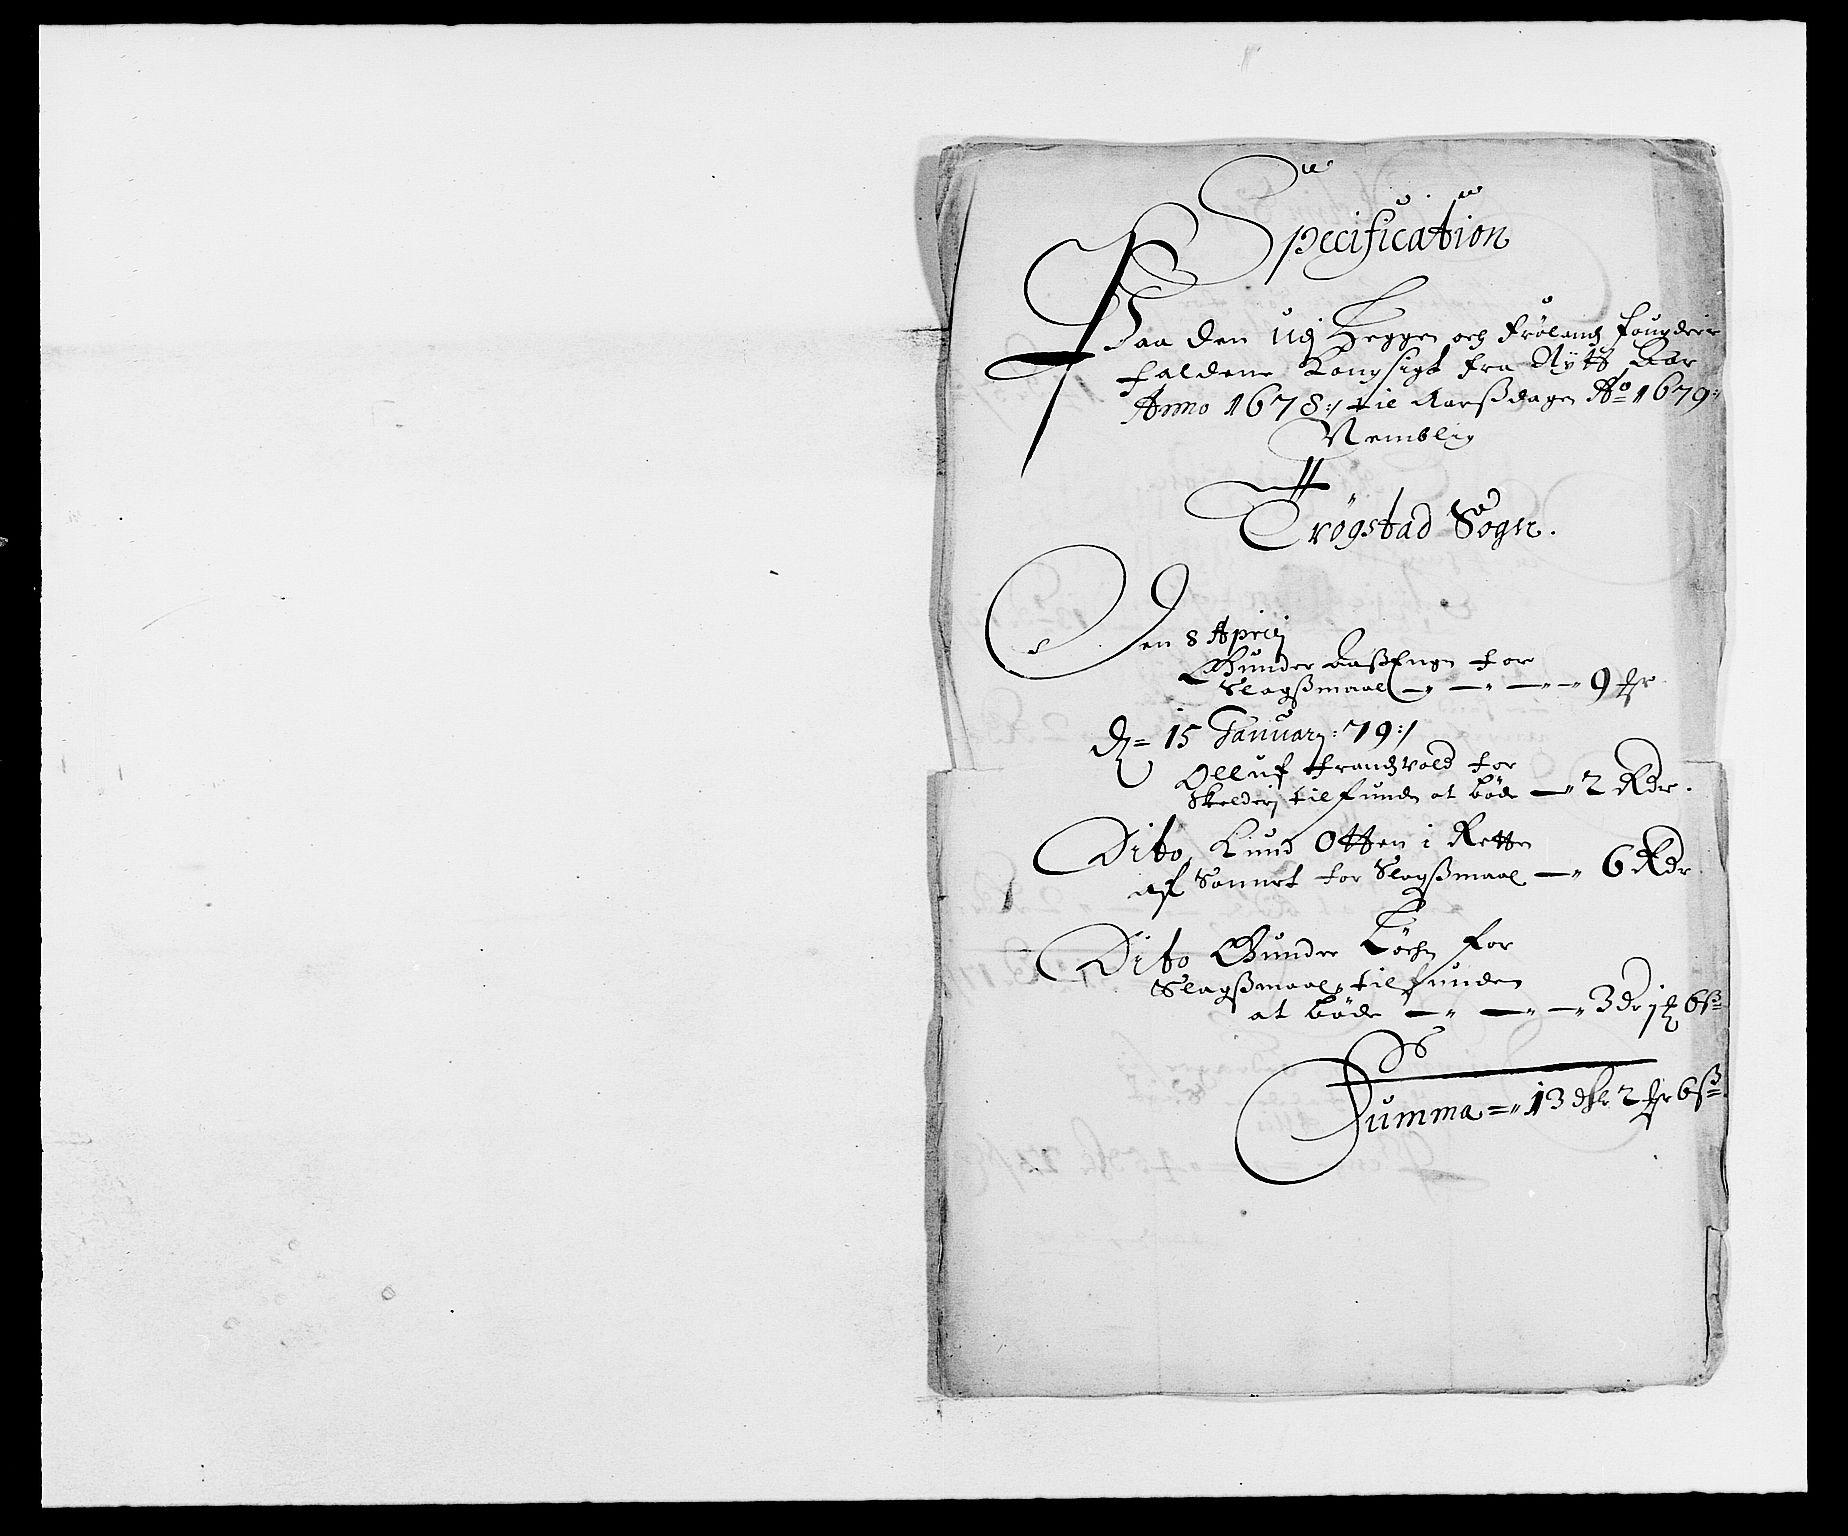 RA, Rentekammeret inntil 1814, Reviderte regnskaper, Fogderegnskap, R06/L0279: Fogderegnskap Heggen og Frøland, 1678-1680, s. 80